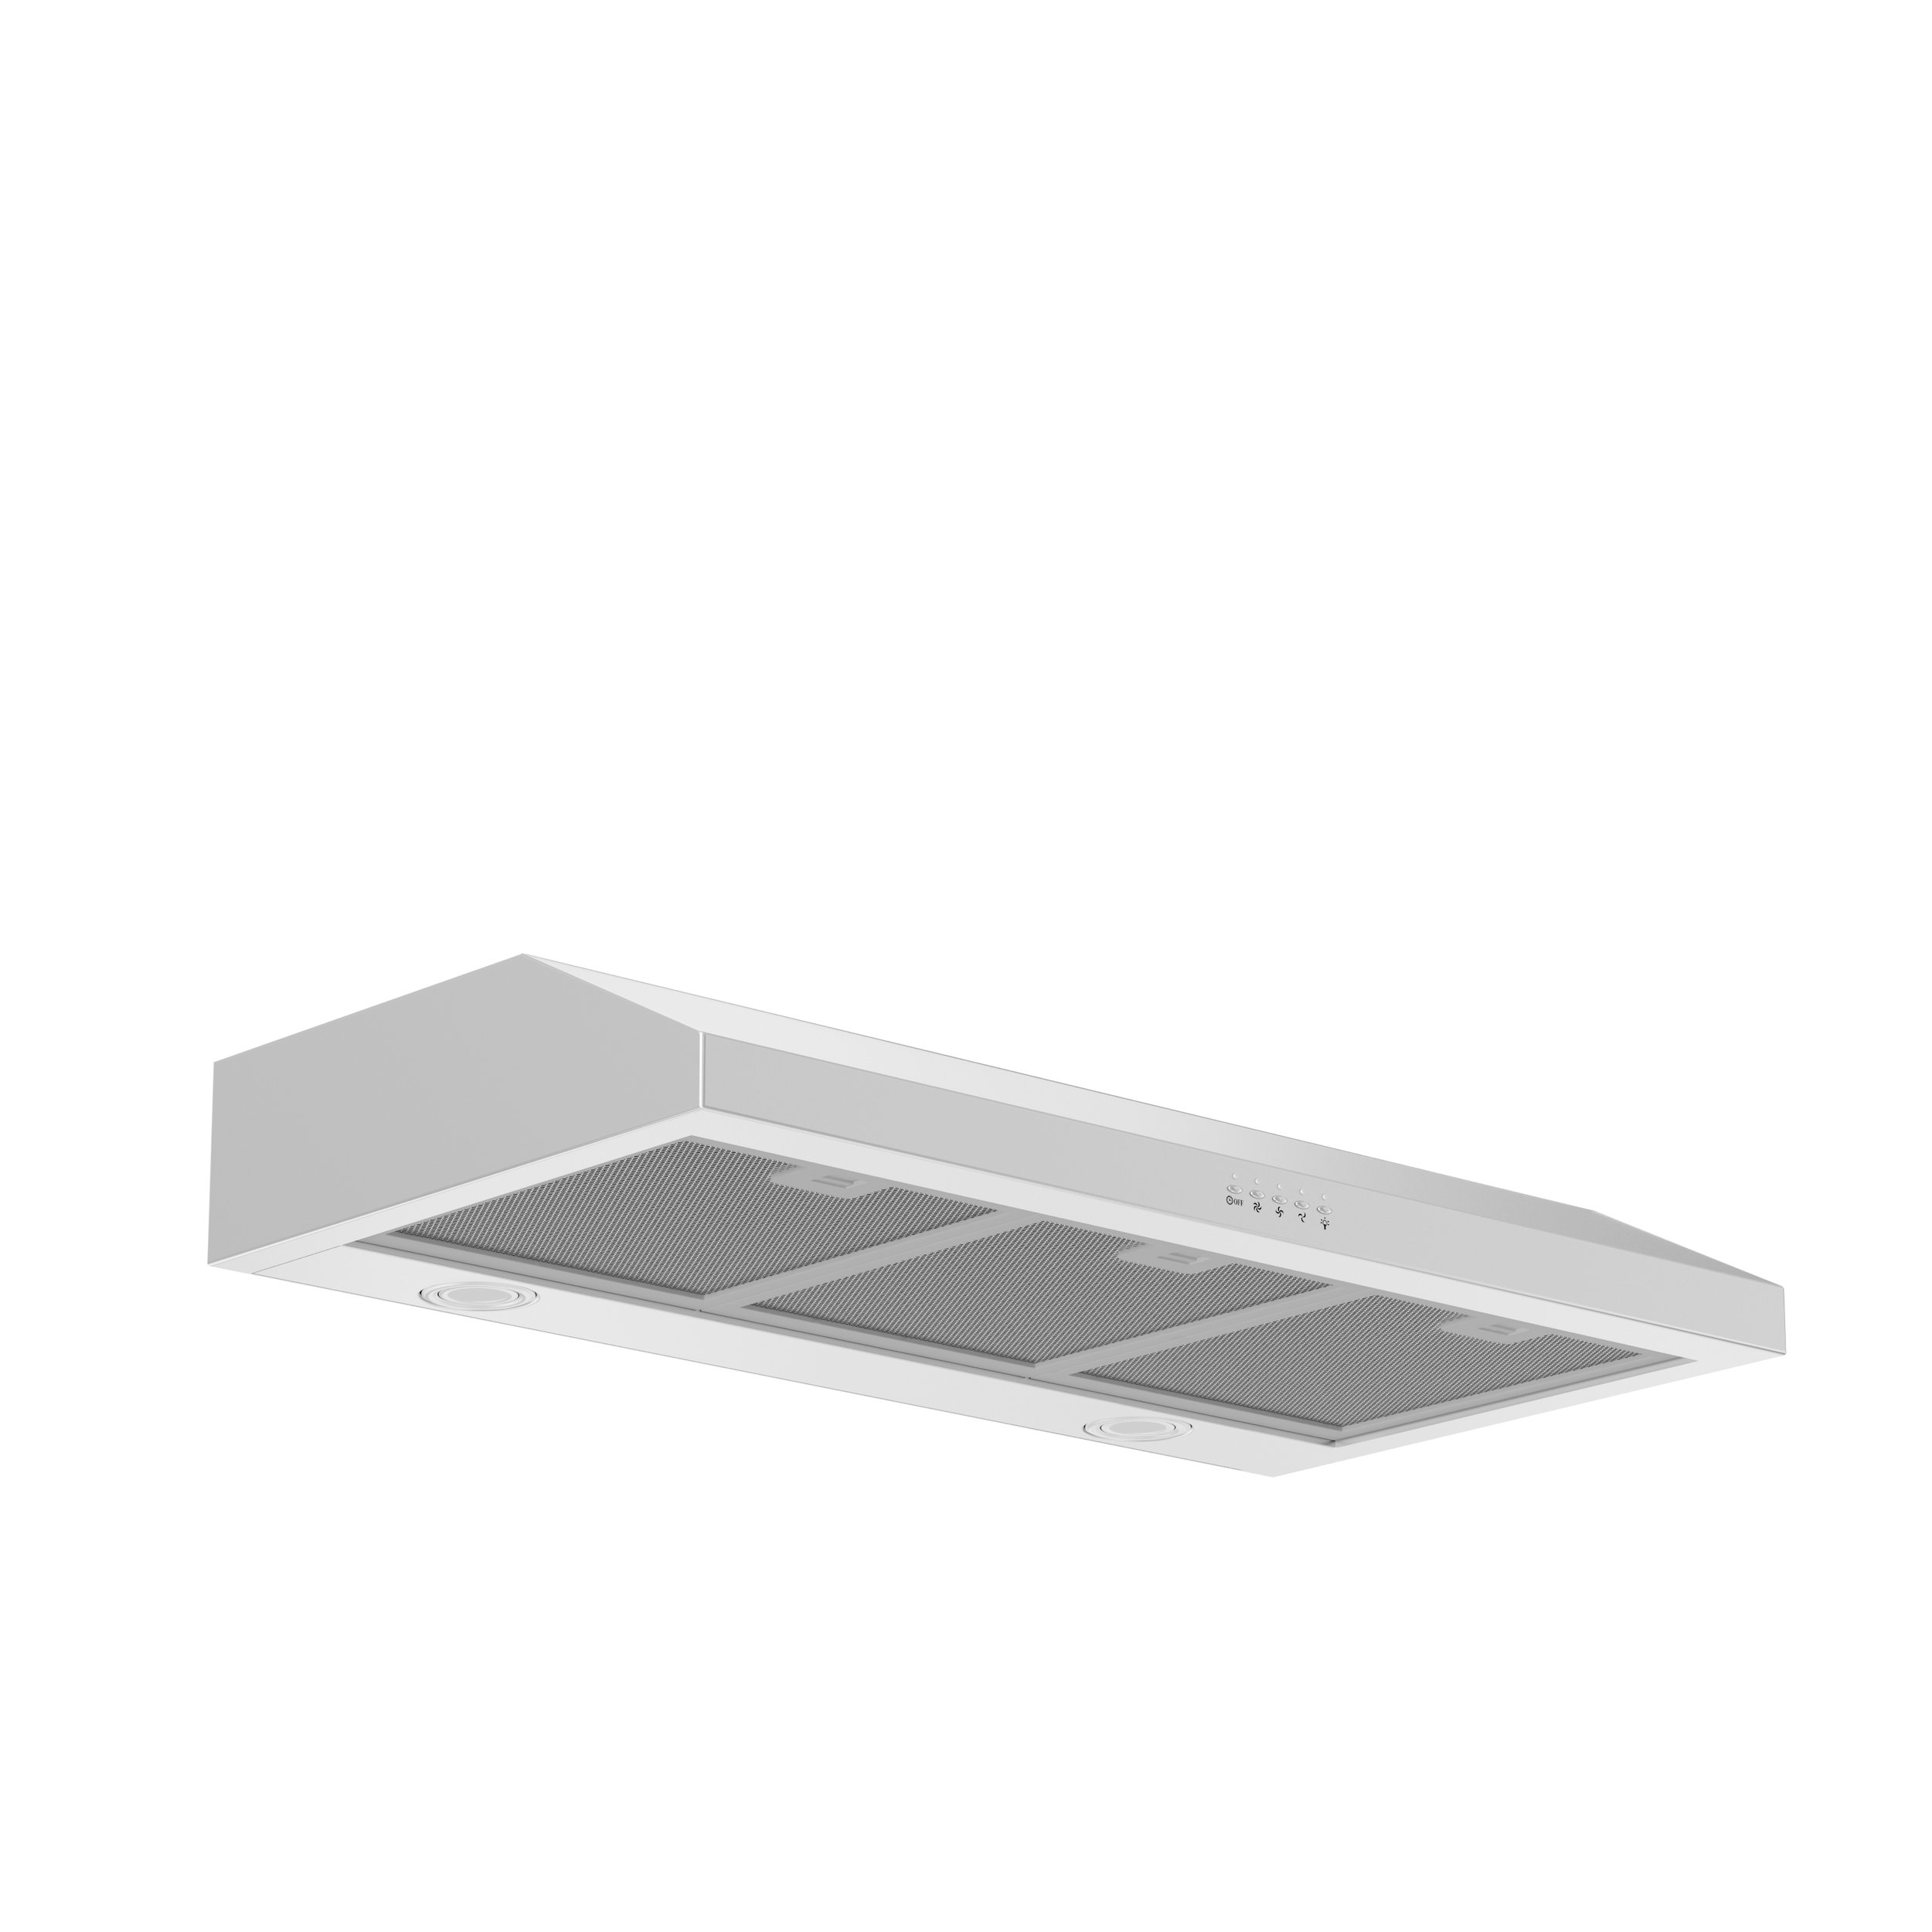 zline-stainless-steel-under-cabinet-range-hood-615-side-under.jpeg